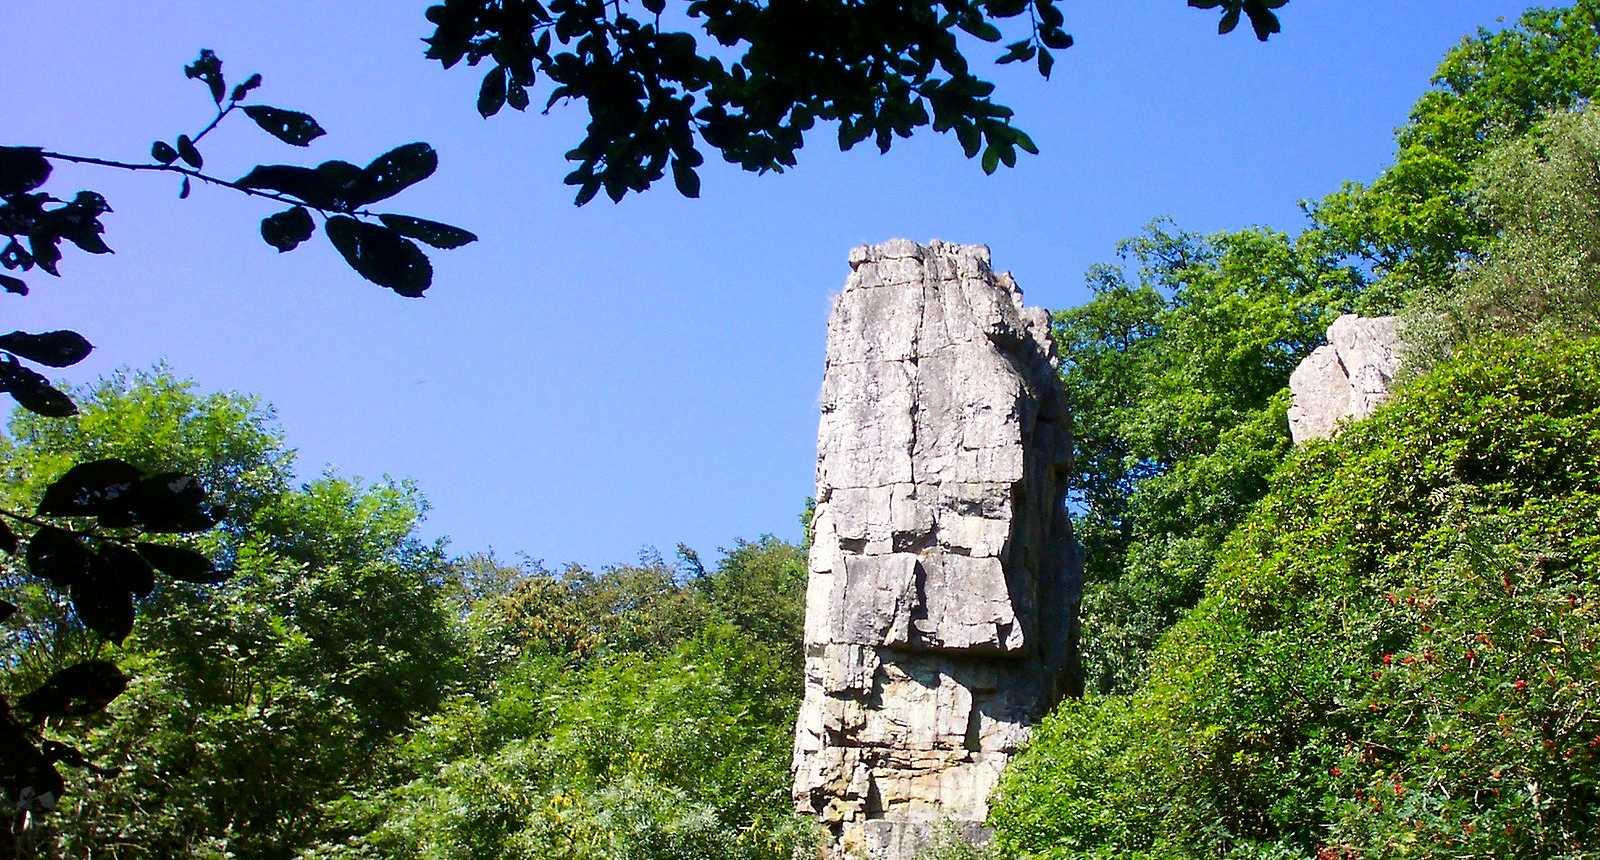 Le Rocher de l'Aiguille à Mortain